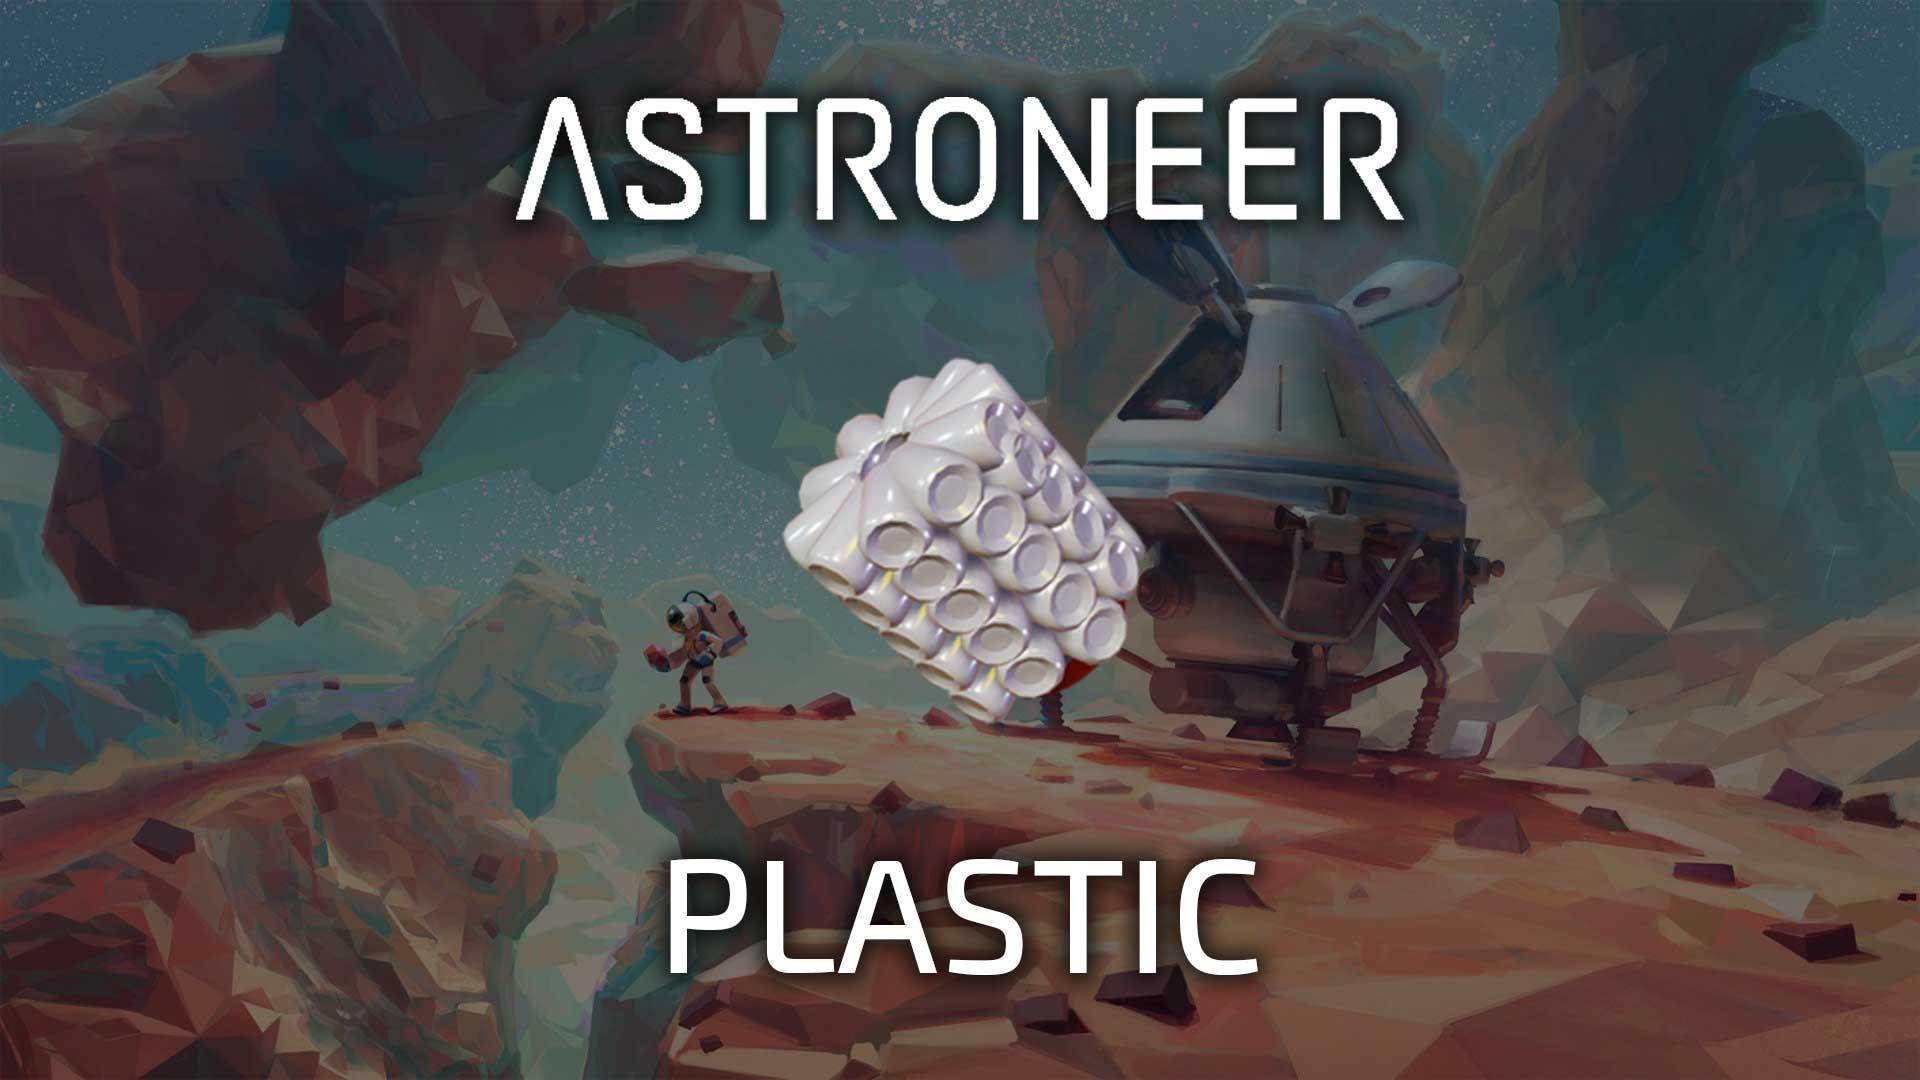 astroneer plastic